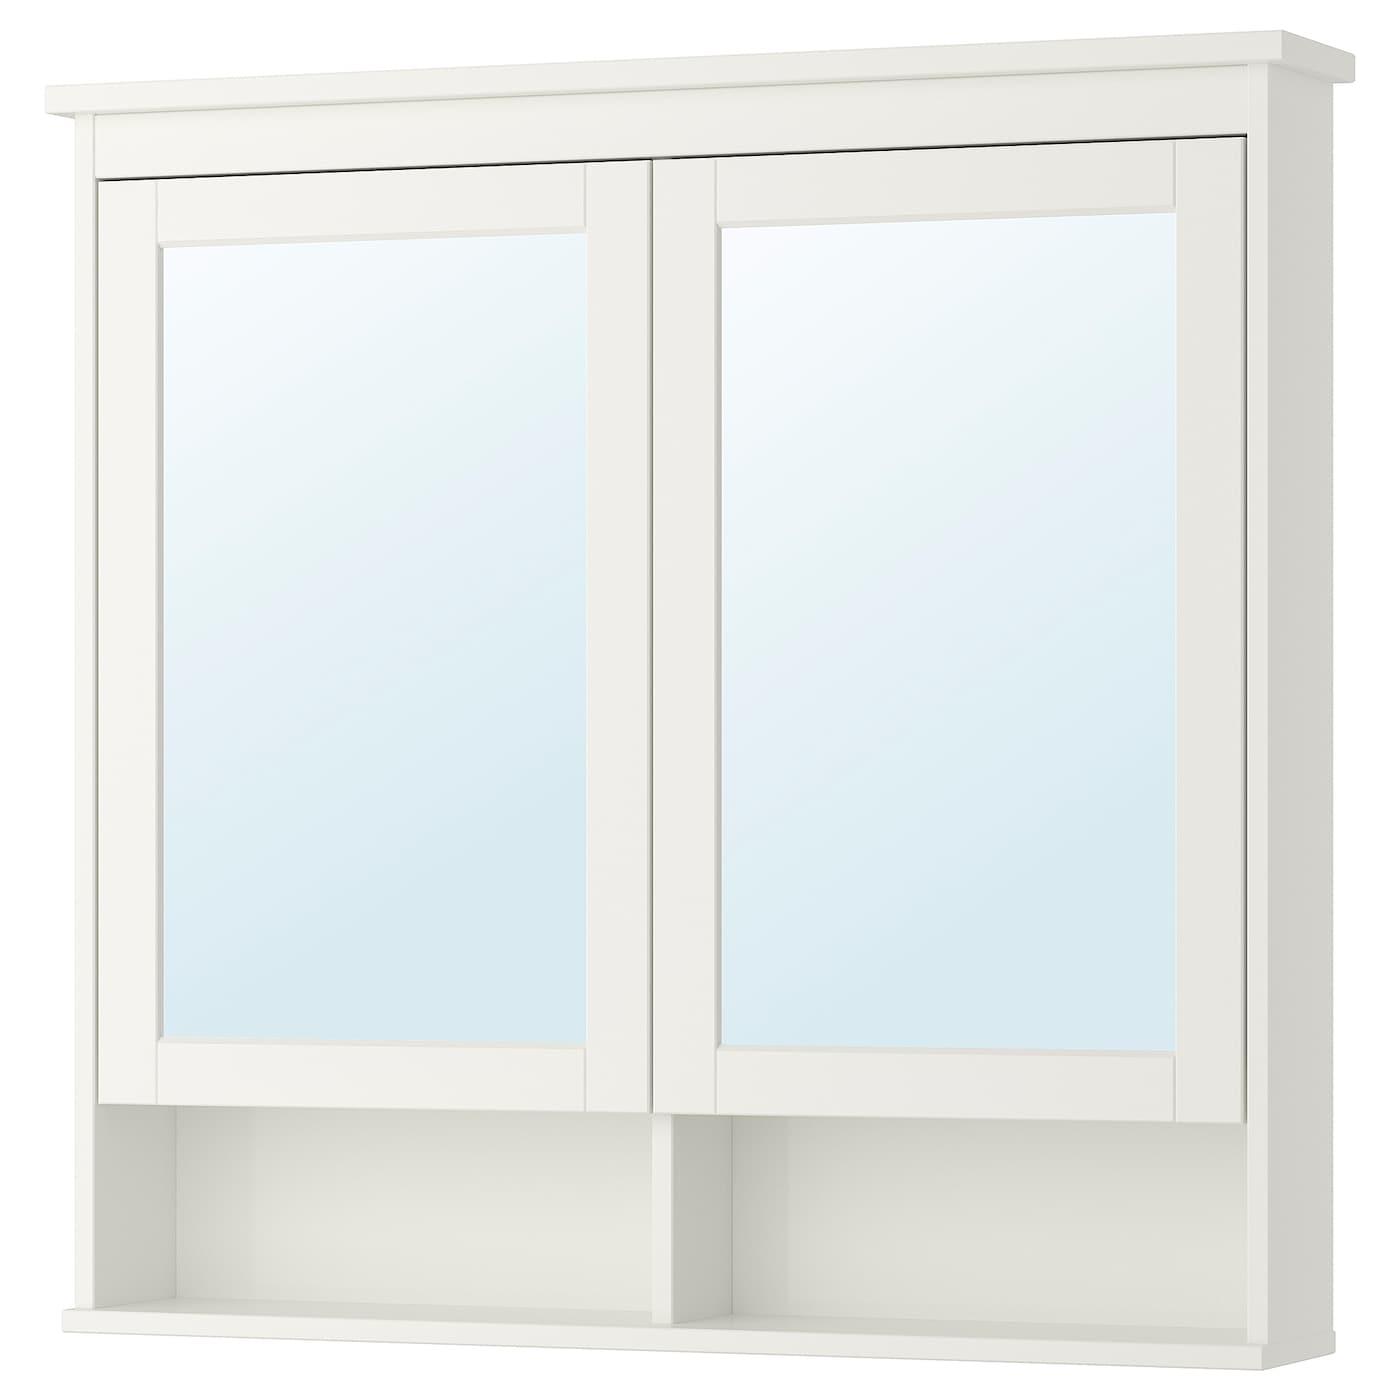 HEMNES Spiegelschrank 8 Türen - weiß 8x8x8 cm